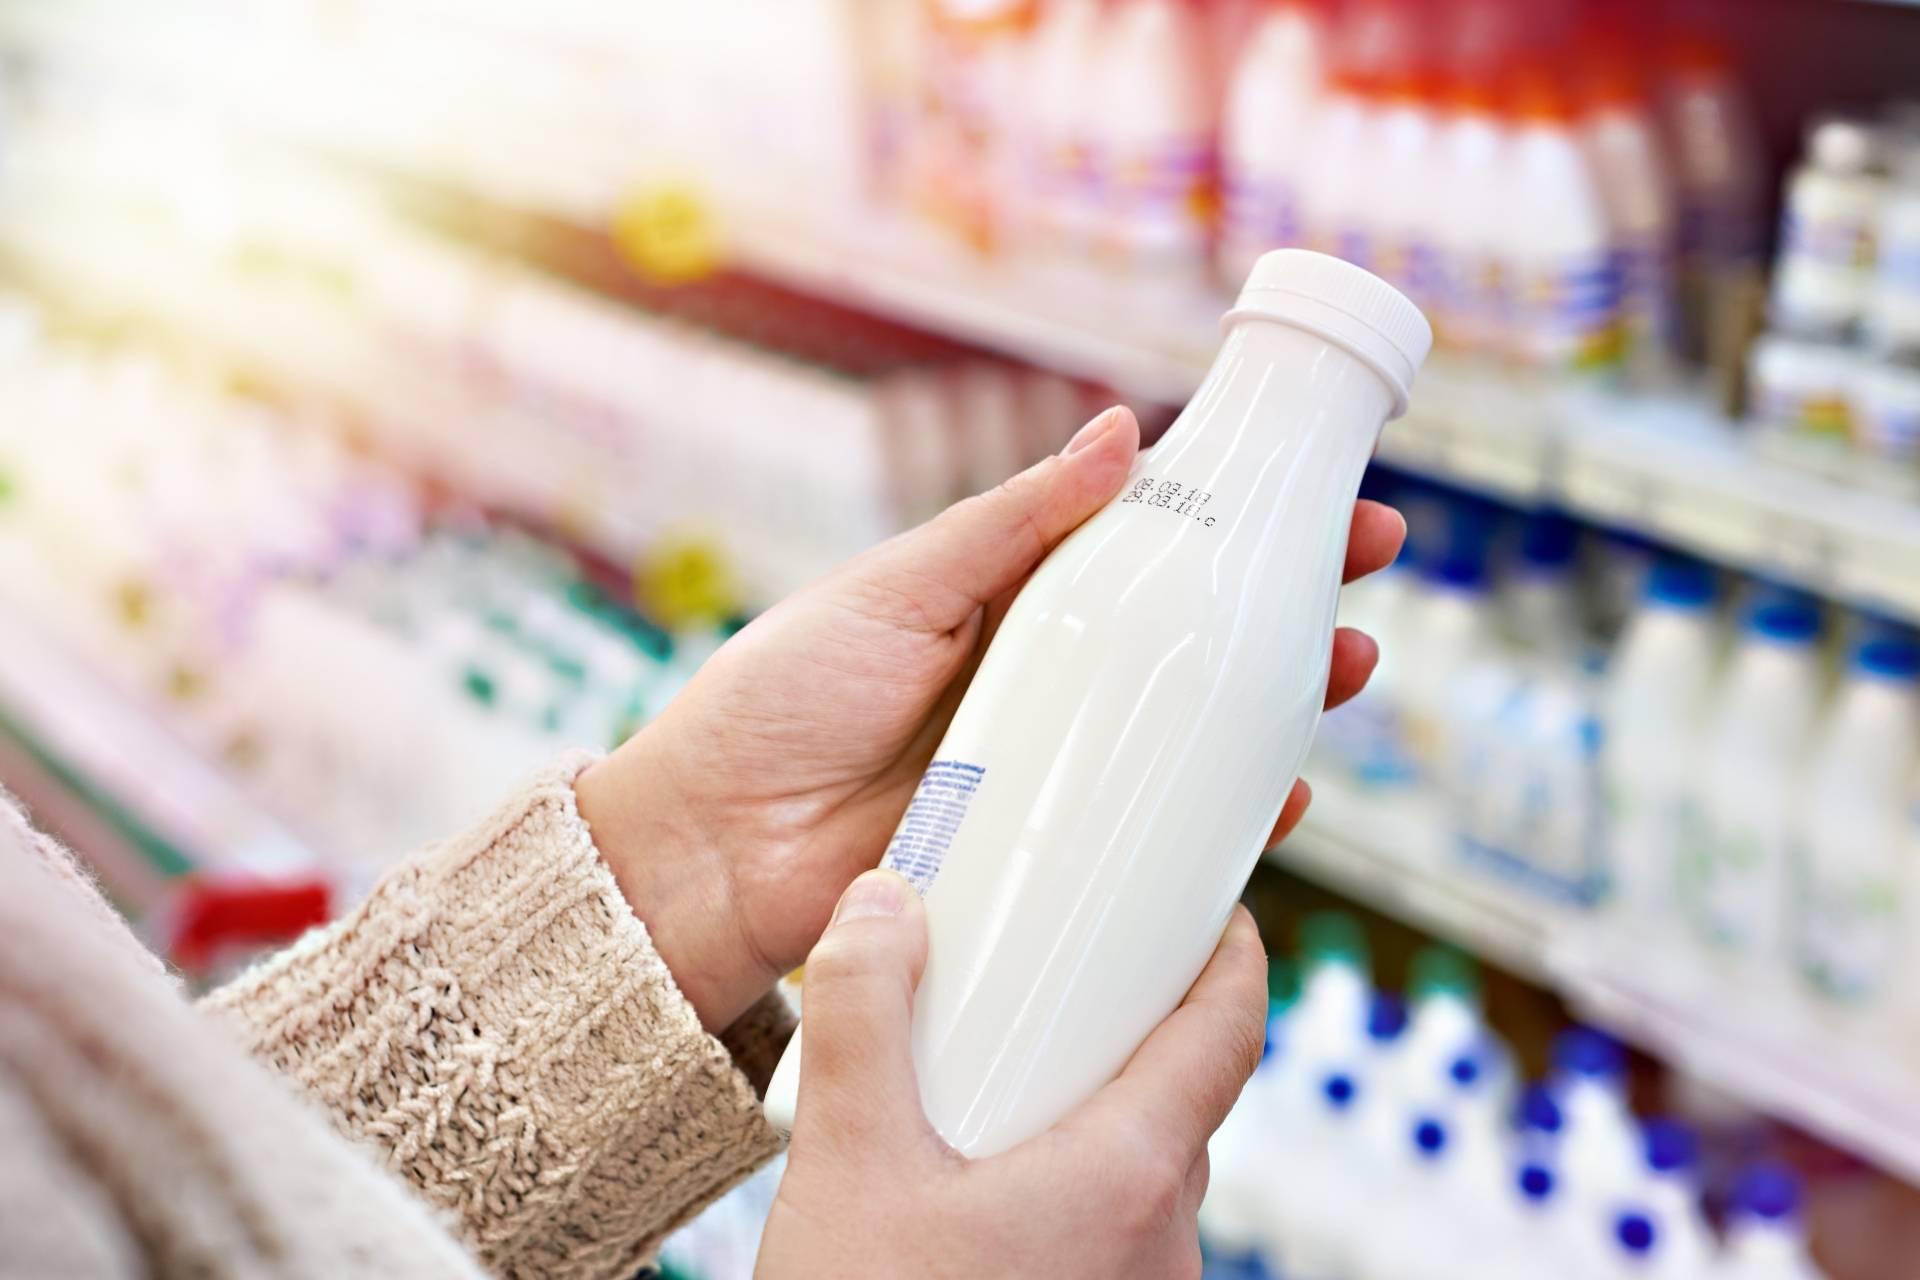 Mleko bez laktozy - co musisz o nim wiedzieć? Kobieta wybiera w sklepie mleko - w tle półki sklepowe z nabiałem.